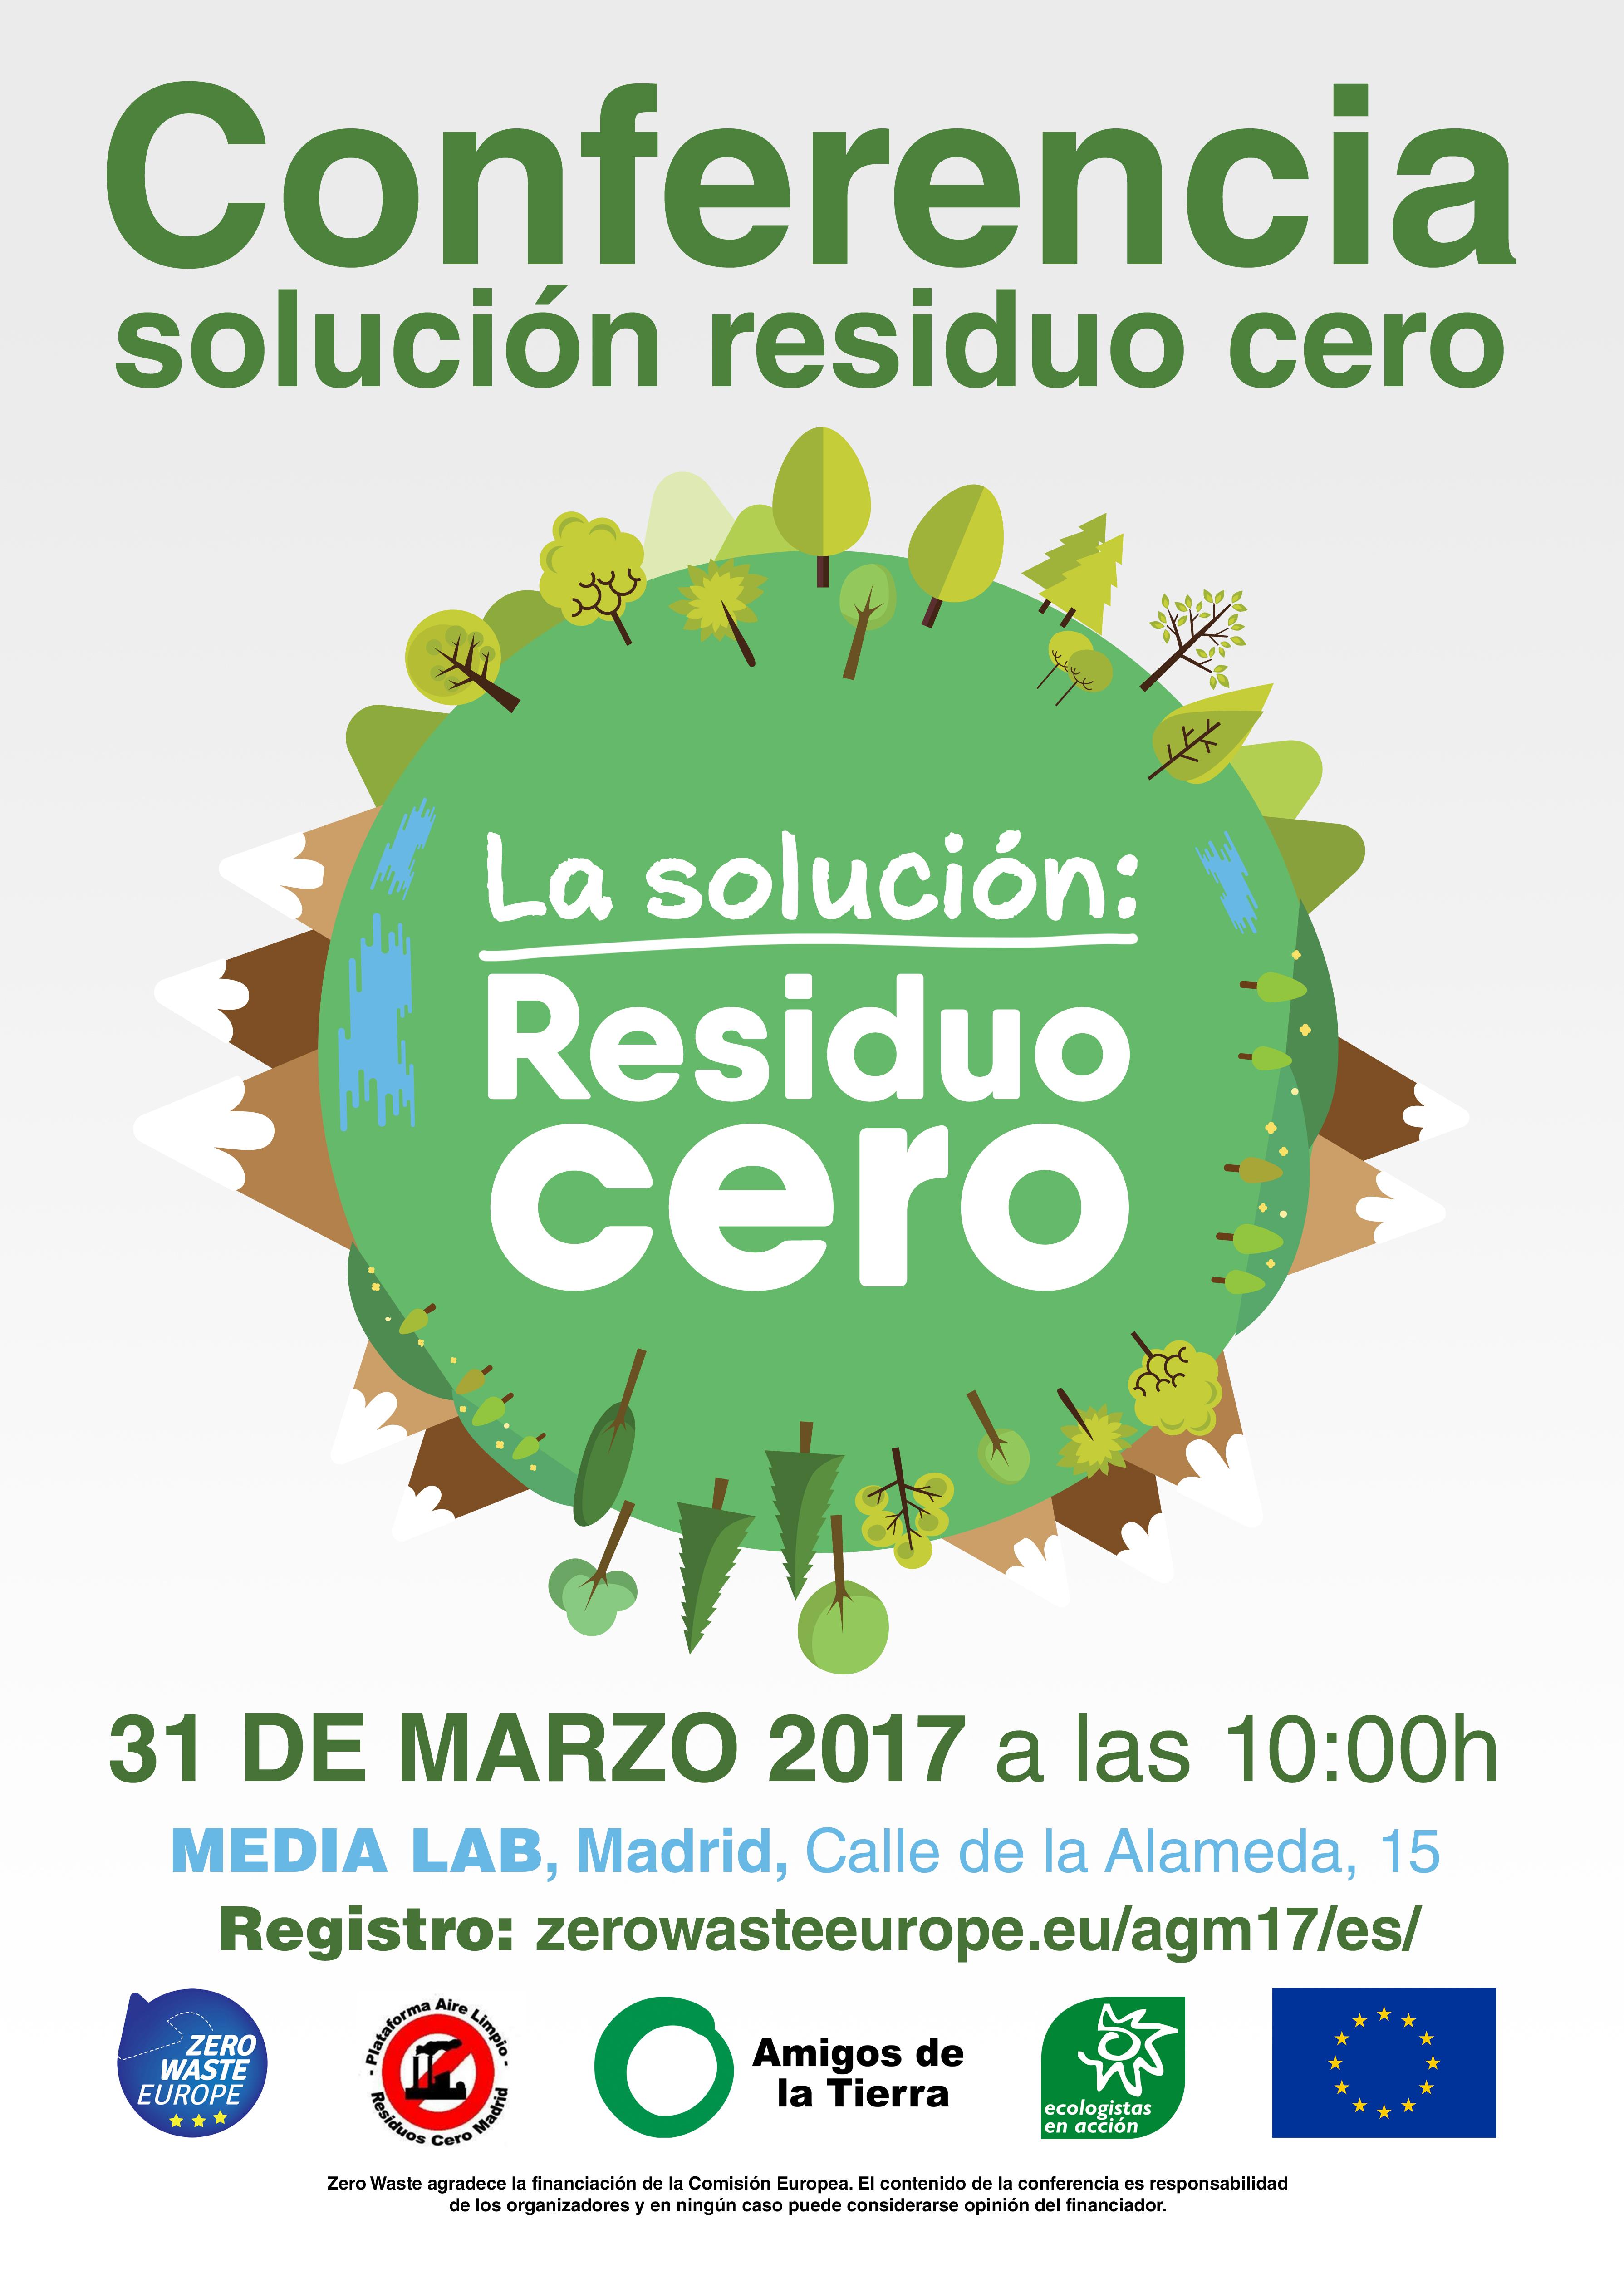 Ir a Madrid: La solución Residuo Cero